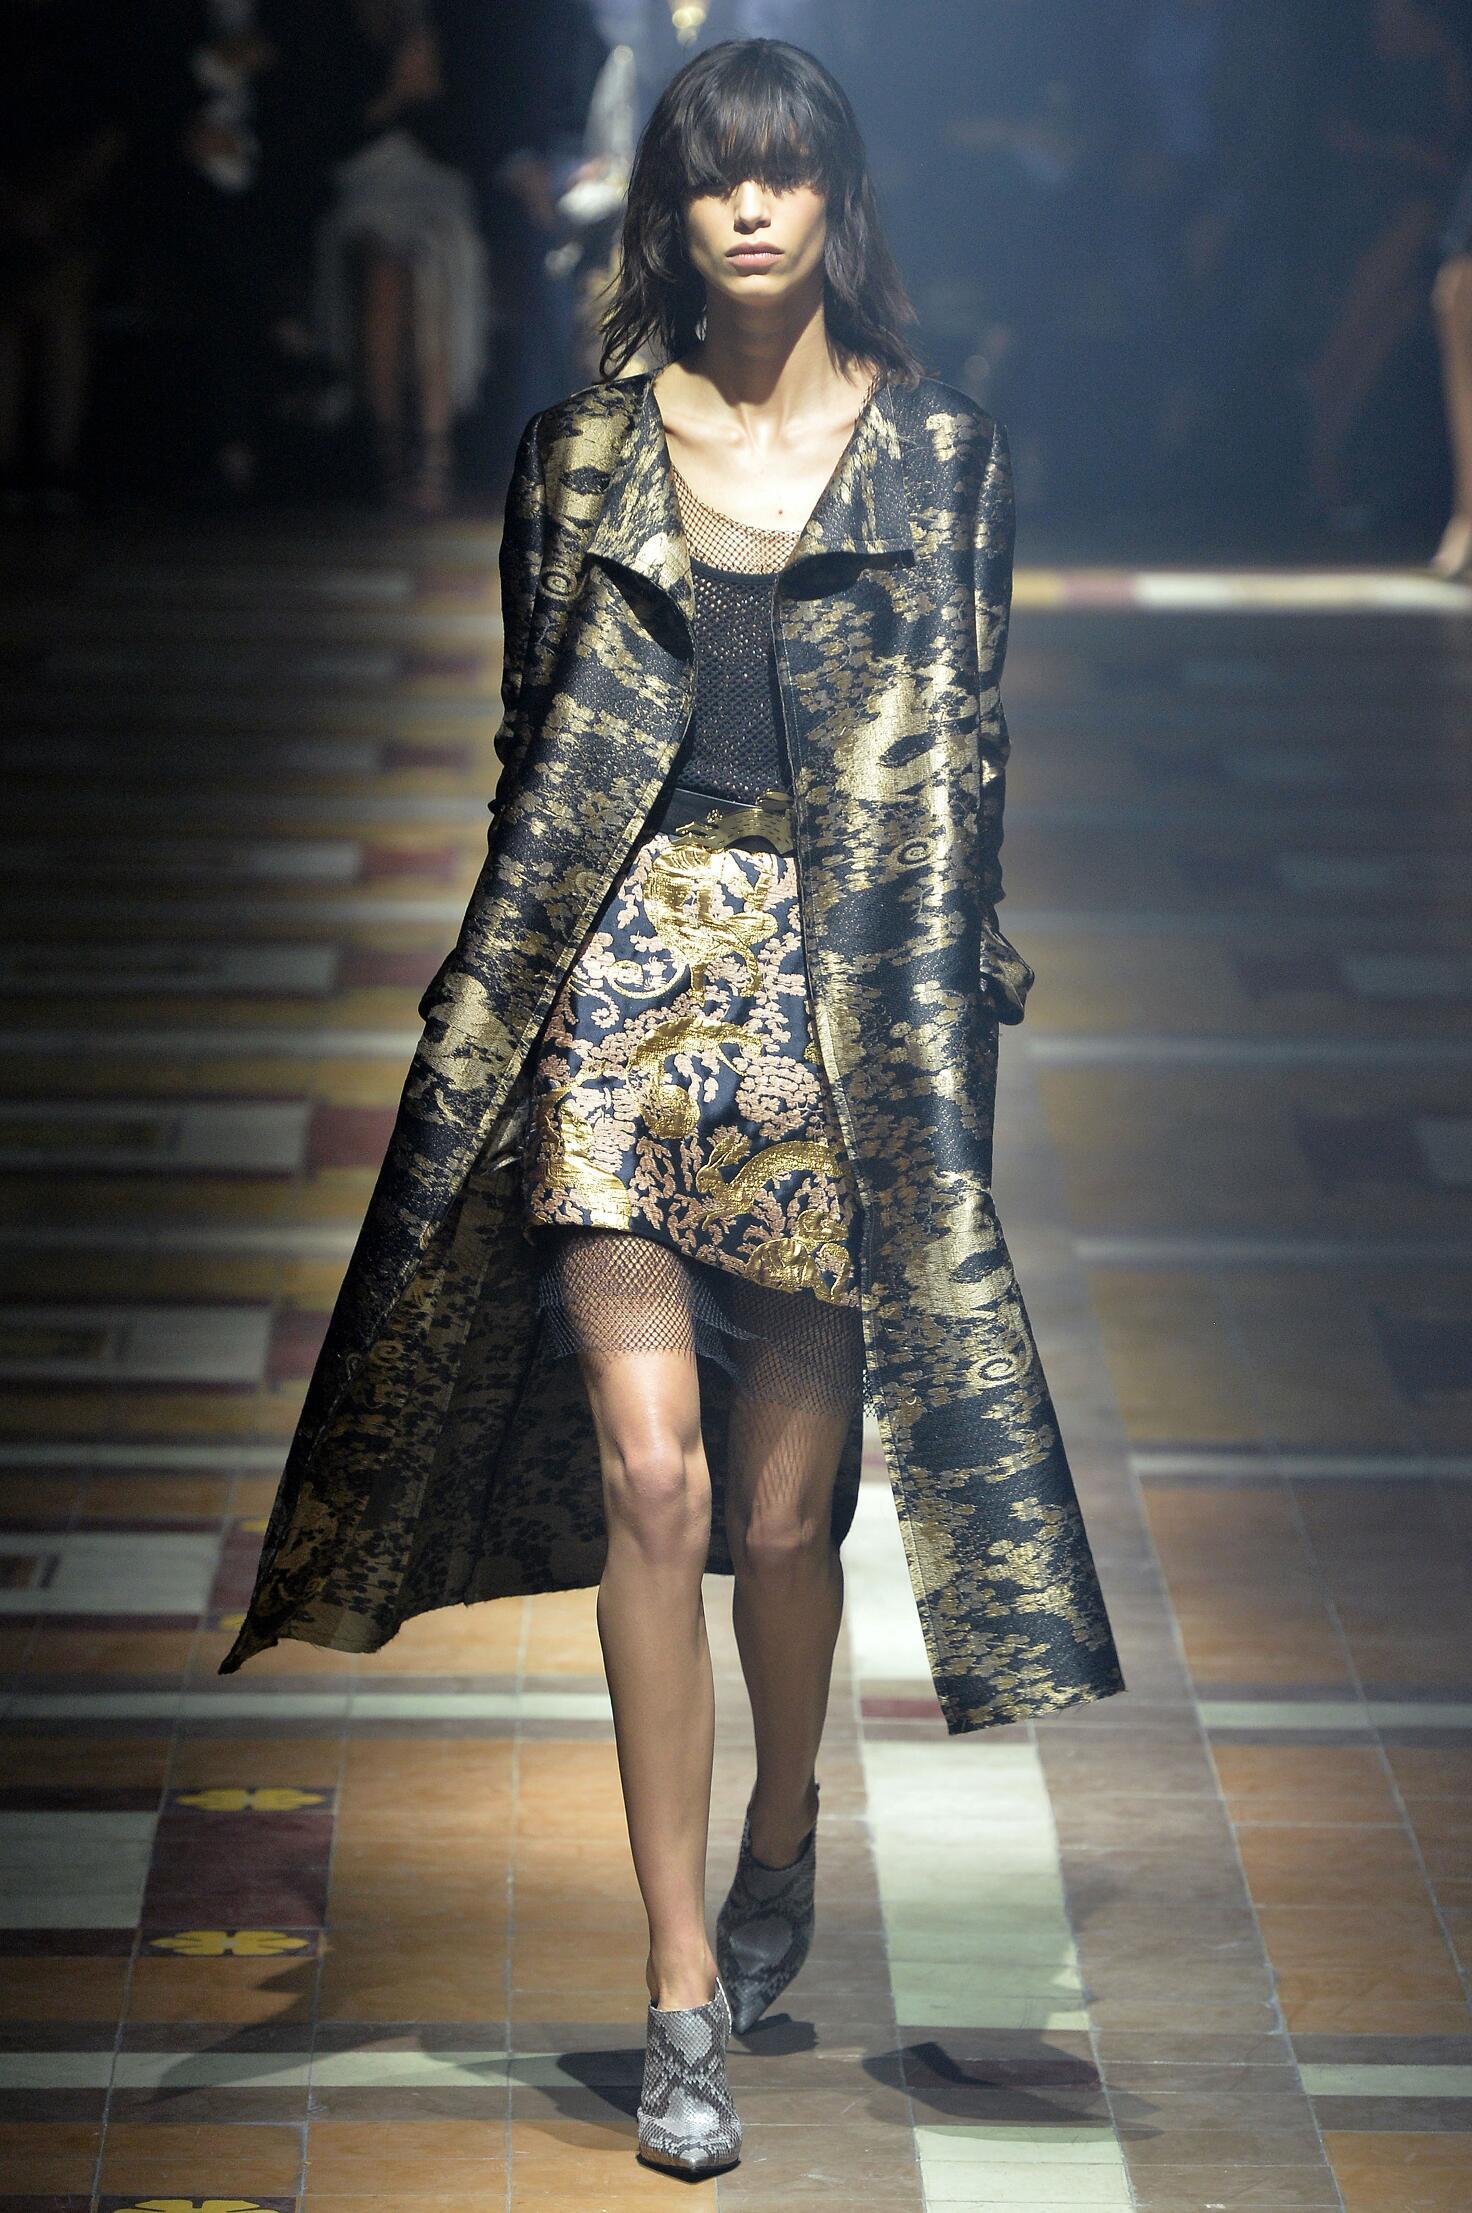 Fashion 2015 Woman Style Lanvin